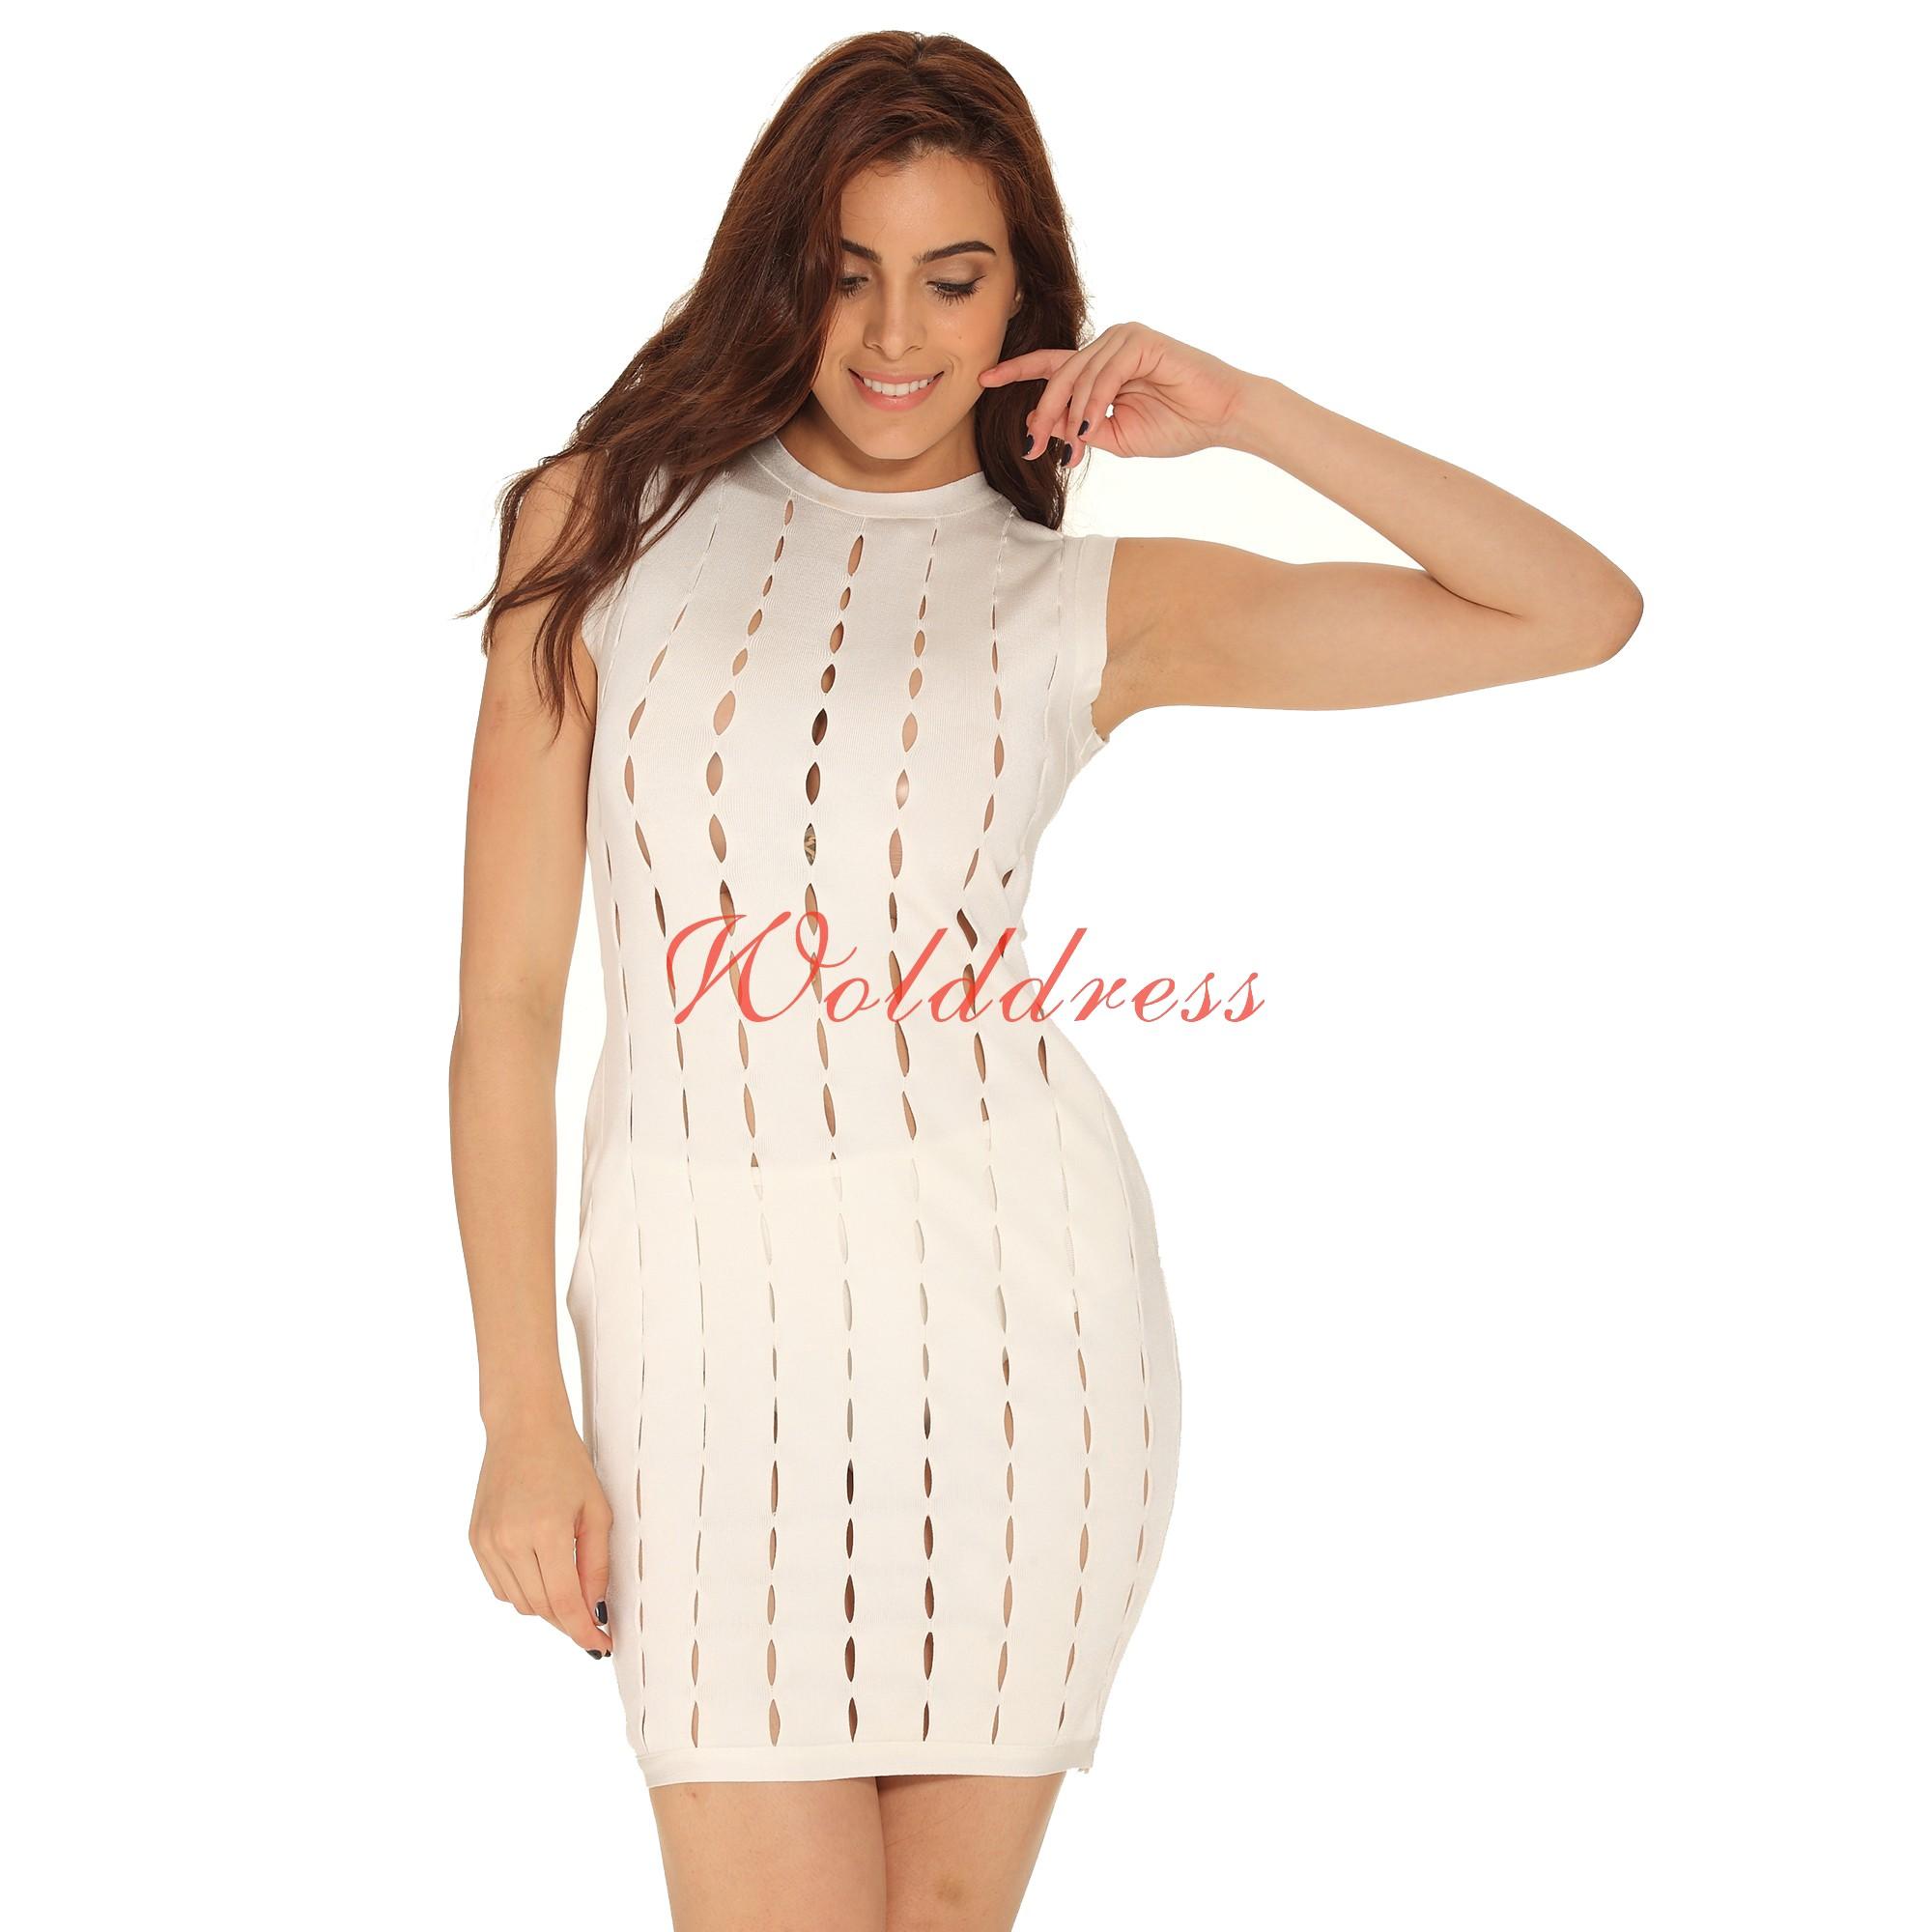 Fashion Round Neck Sleeveless Mini White Hallow Out Bandage Dress Ht0065-White